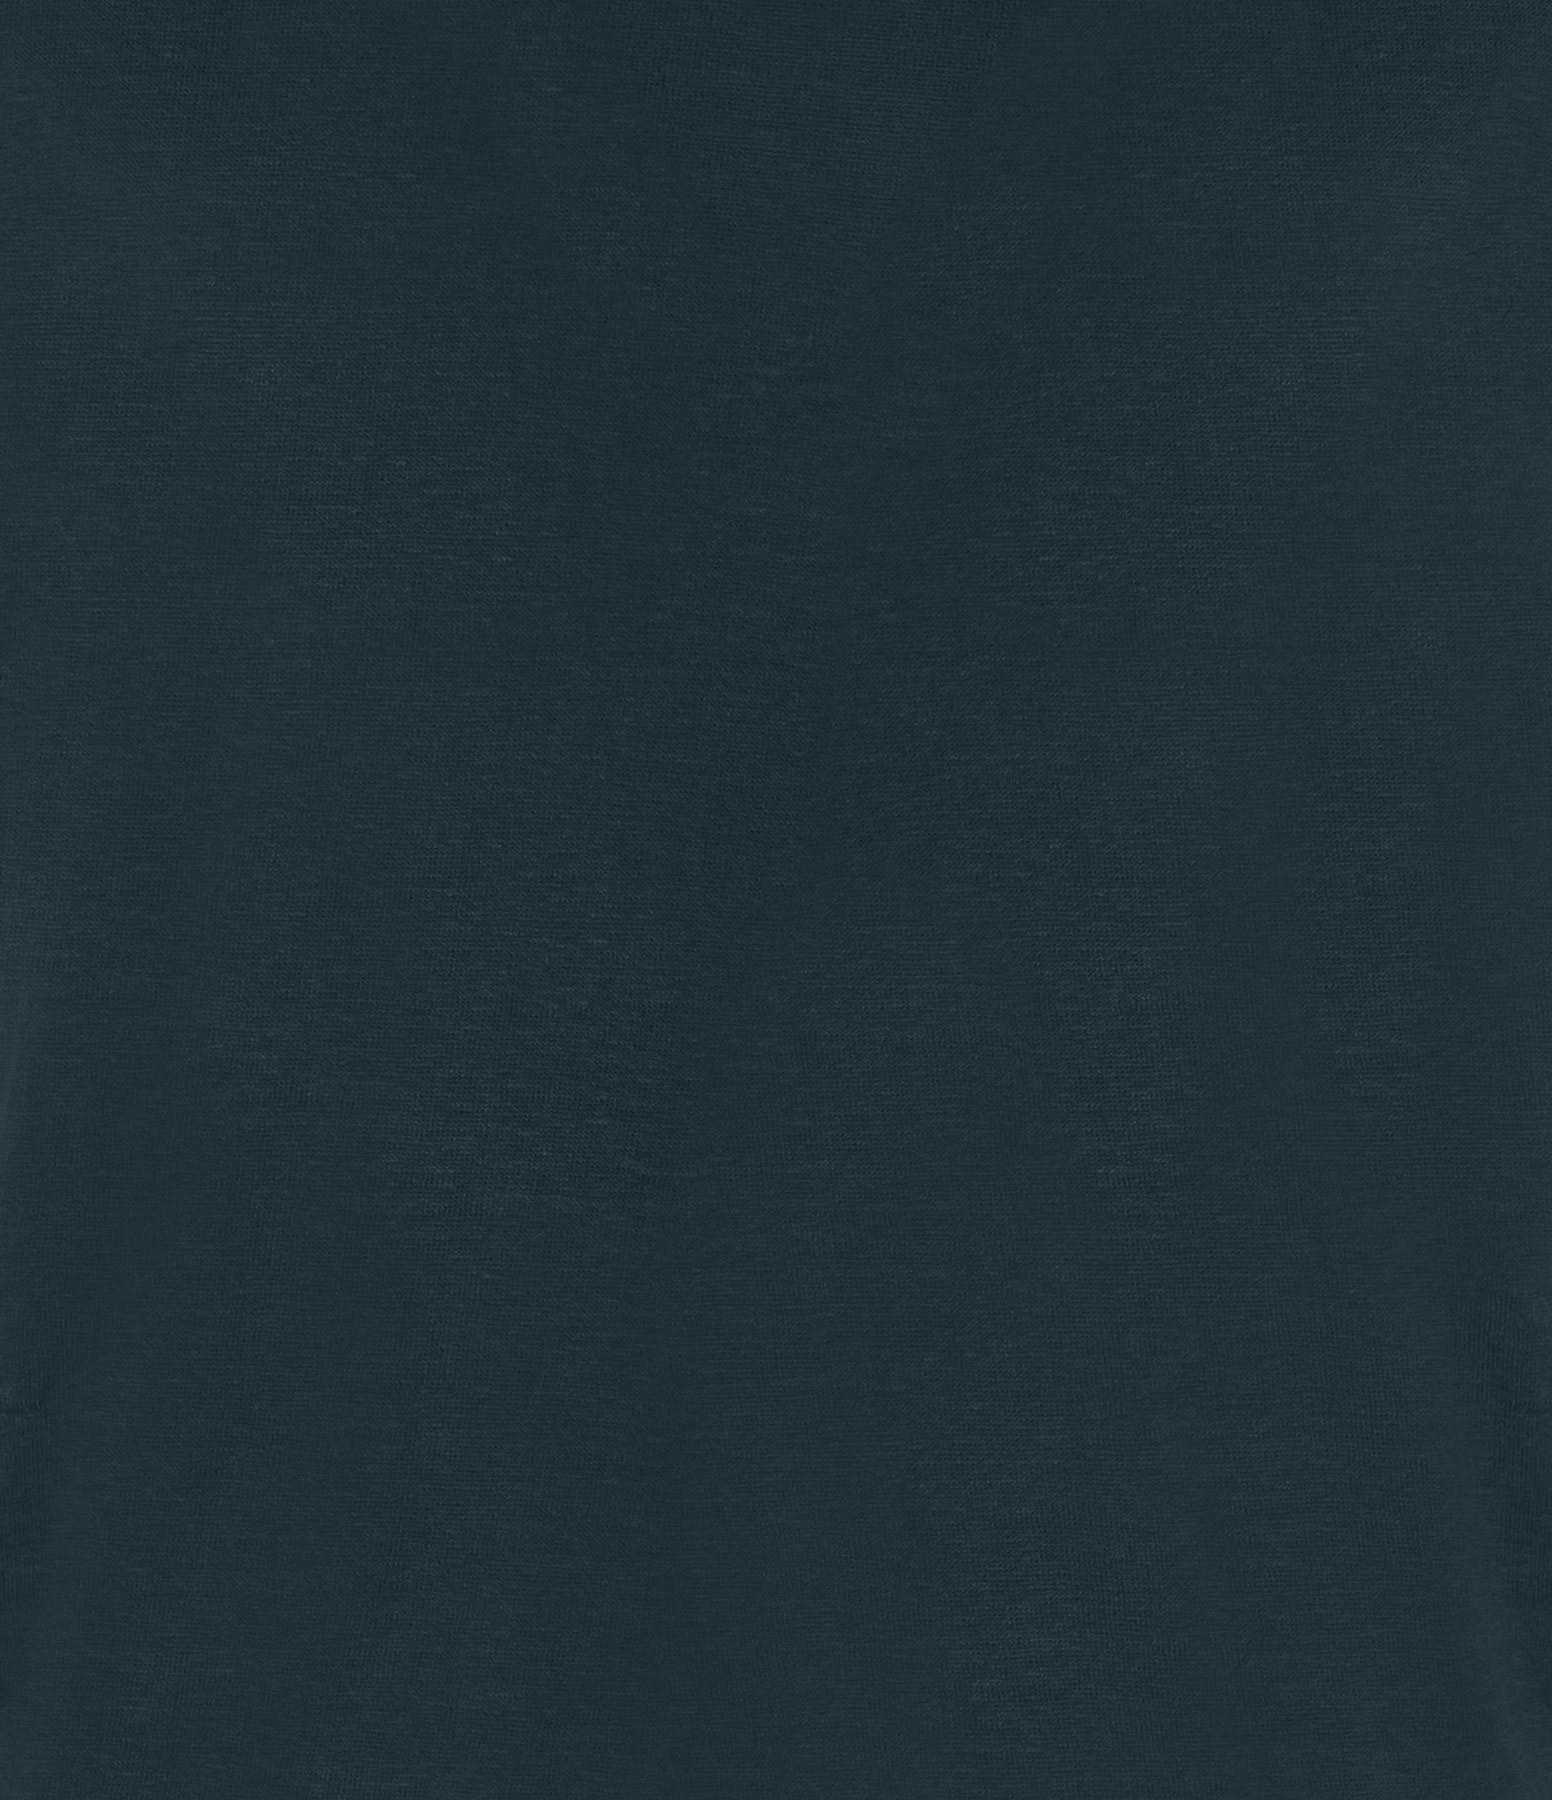 ISABEL MARANT ÉTOILE - Tee-shirt Koldi Lin Pétrole Clair